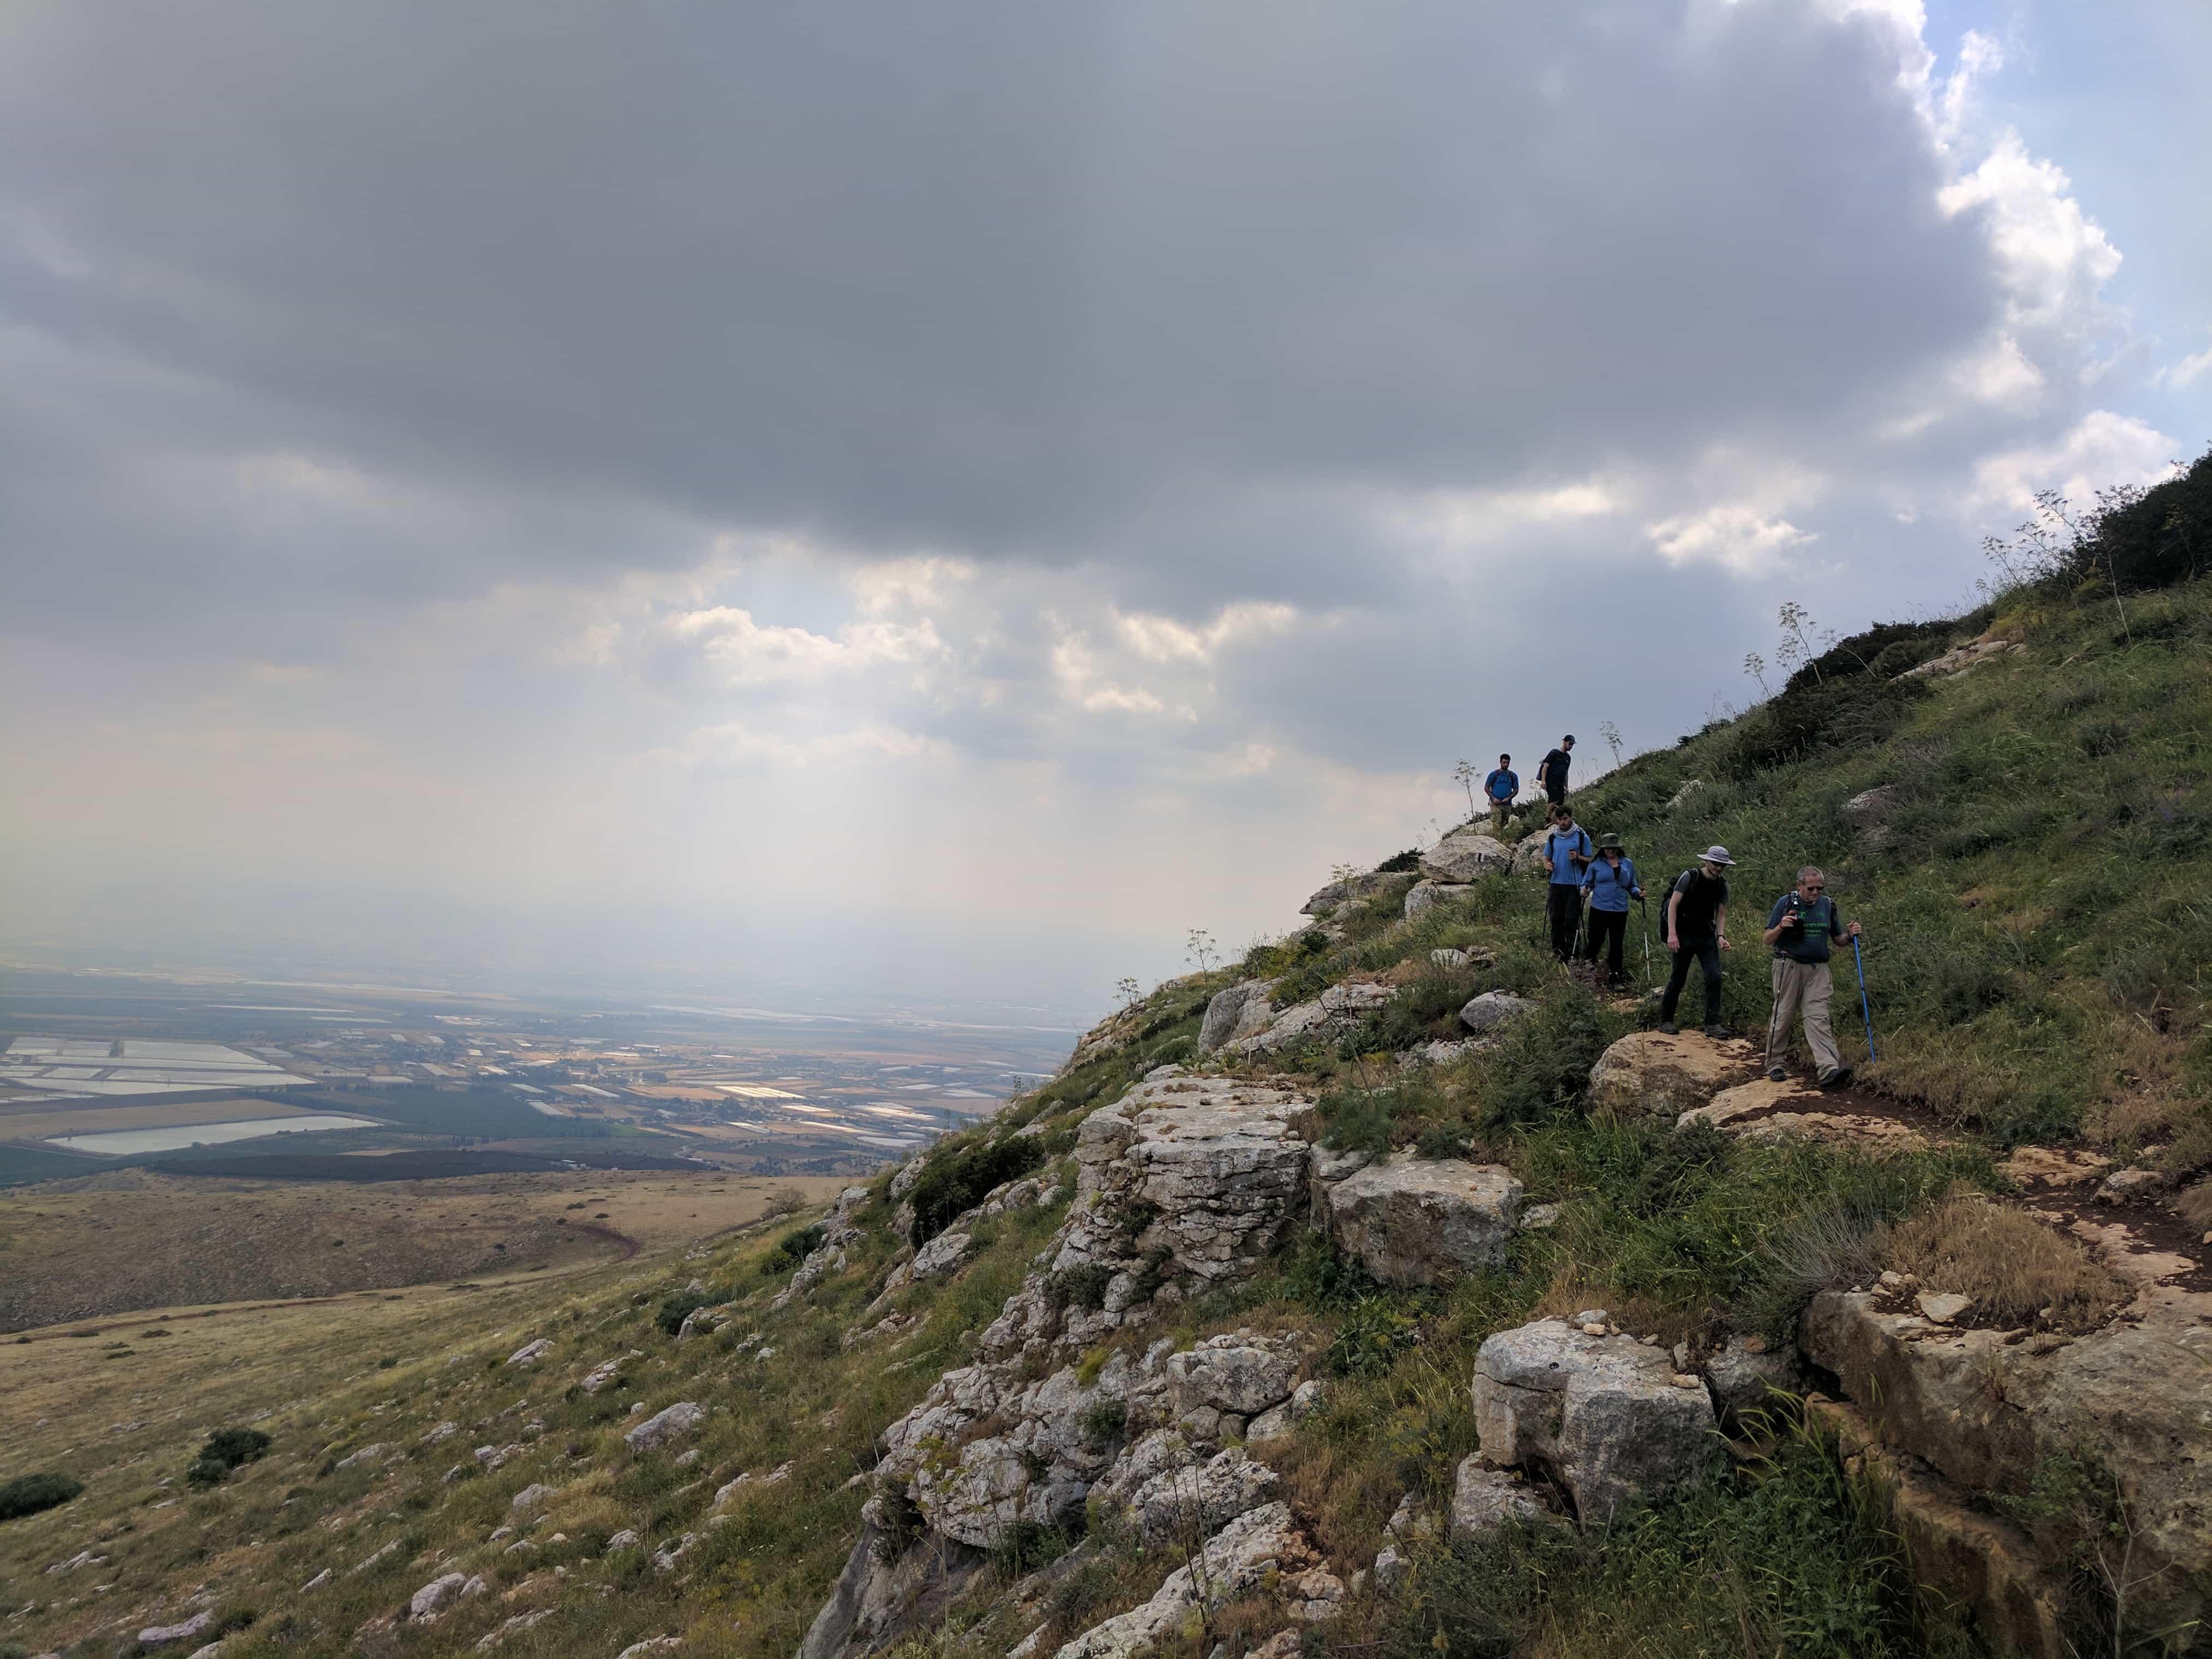 טרק הר הגלבוע - ממתלול אבנידב להר צביה